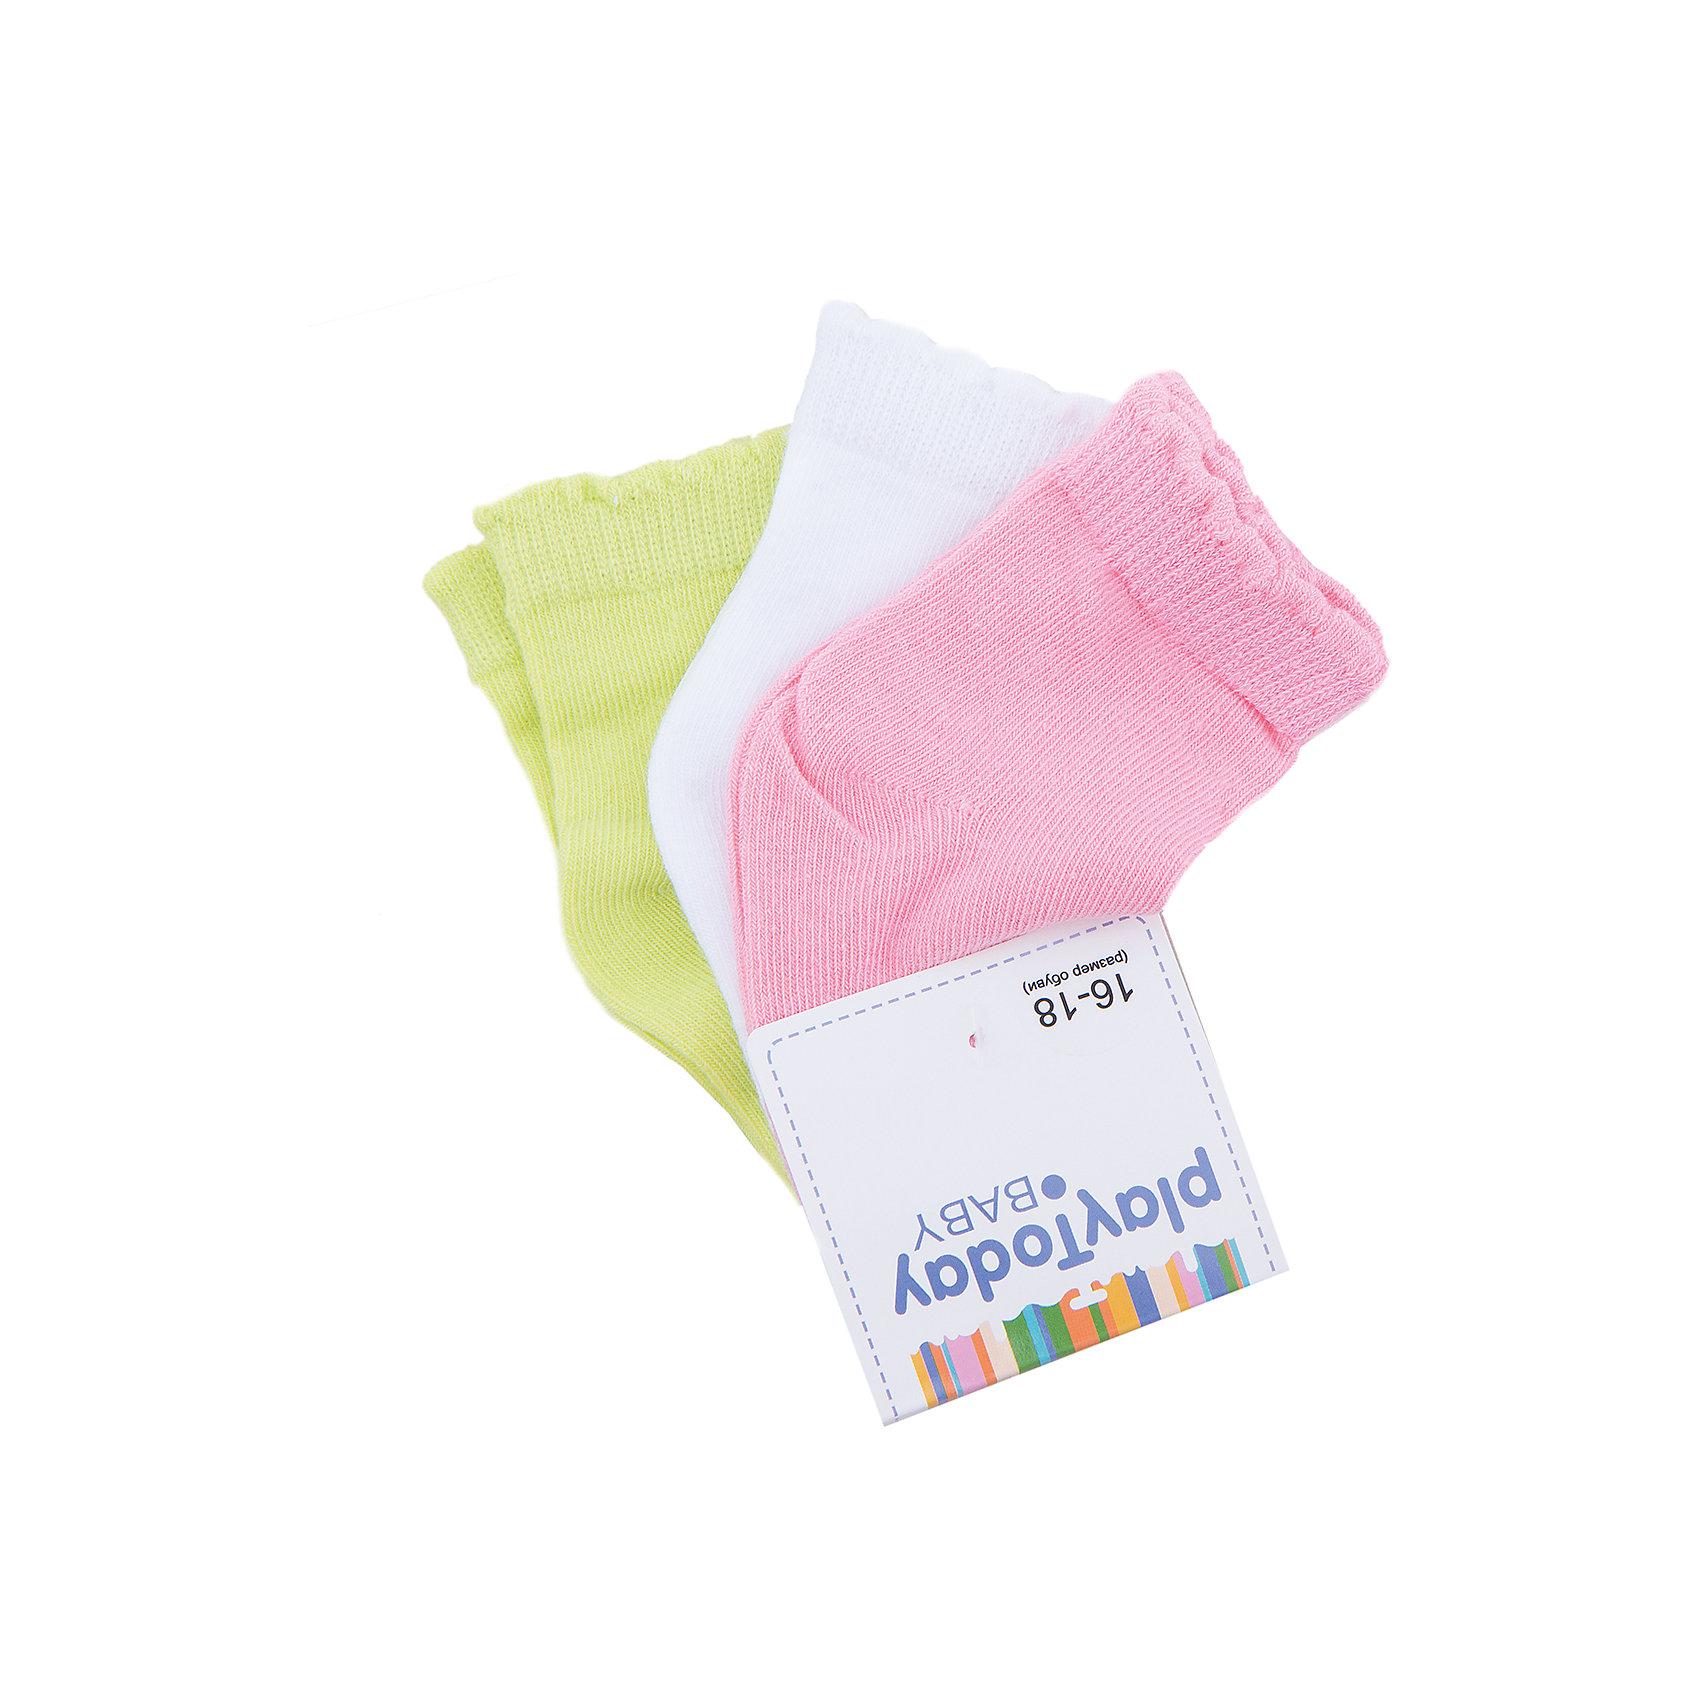 Носки, 3 пары для девочки PlayTodayНоски<br>Носки, 3 пары для девочки PlayToday<br>Носки очень мягкие, из качественных материалов, приятны к телу и не сковывают движений. Хорошо пропускают воздух, тем самым позволяя коже дышать.  Даже частые стирки, при условии соблюдений рекомендаций по уходу, не изменят ни форму, ни цвет изделий.Преимущества: Мягкие, выполненные из натуральных материалов, приятны к телу, не сковывают движенийХорошо пропускают воздух, позволяя тем самым коже дышатьДаже частые стирки, при условии соблюдений рекомендаций по уходу, не изменят ни форму, ни цвет изделия<br>Состав:<br>75% хлопок, 22% нейлон, 3% эластан<br><br>Ширина мм: 87<br>Глубина мм: 10<br>Высота мм: 105<br>Вес г: 115<br>Цвет: белый<br>Возраст от месяцев: 6<br>Возраст до месяцев: 9<br>Пол: Женский<br>Возраст: Детский<br>Размер: 11,12<br>SKU: 5408379